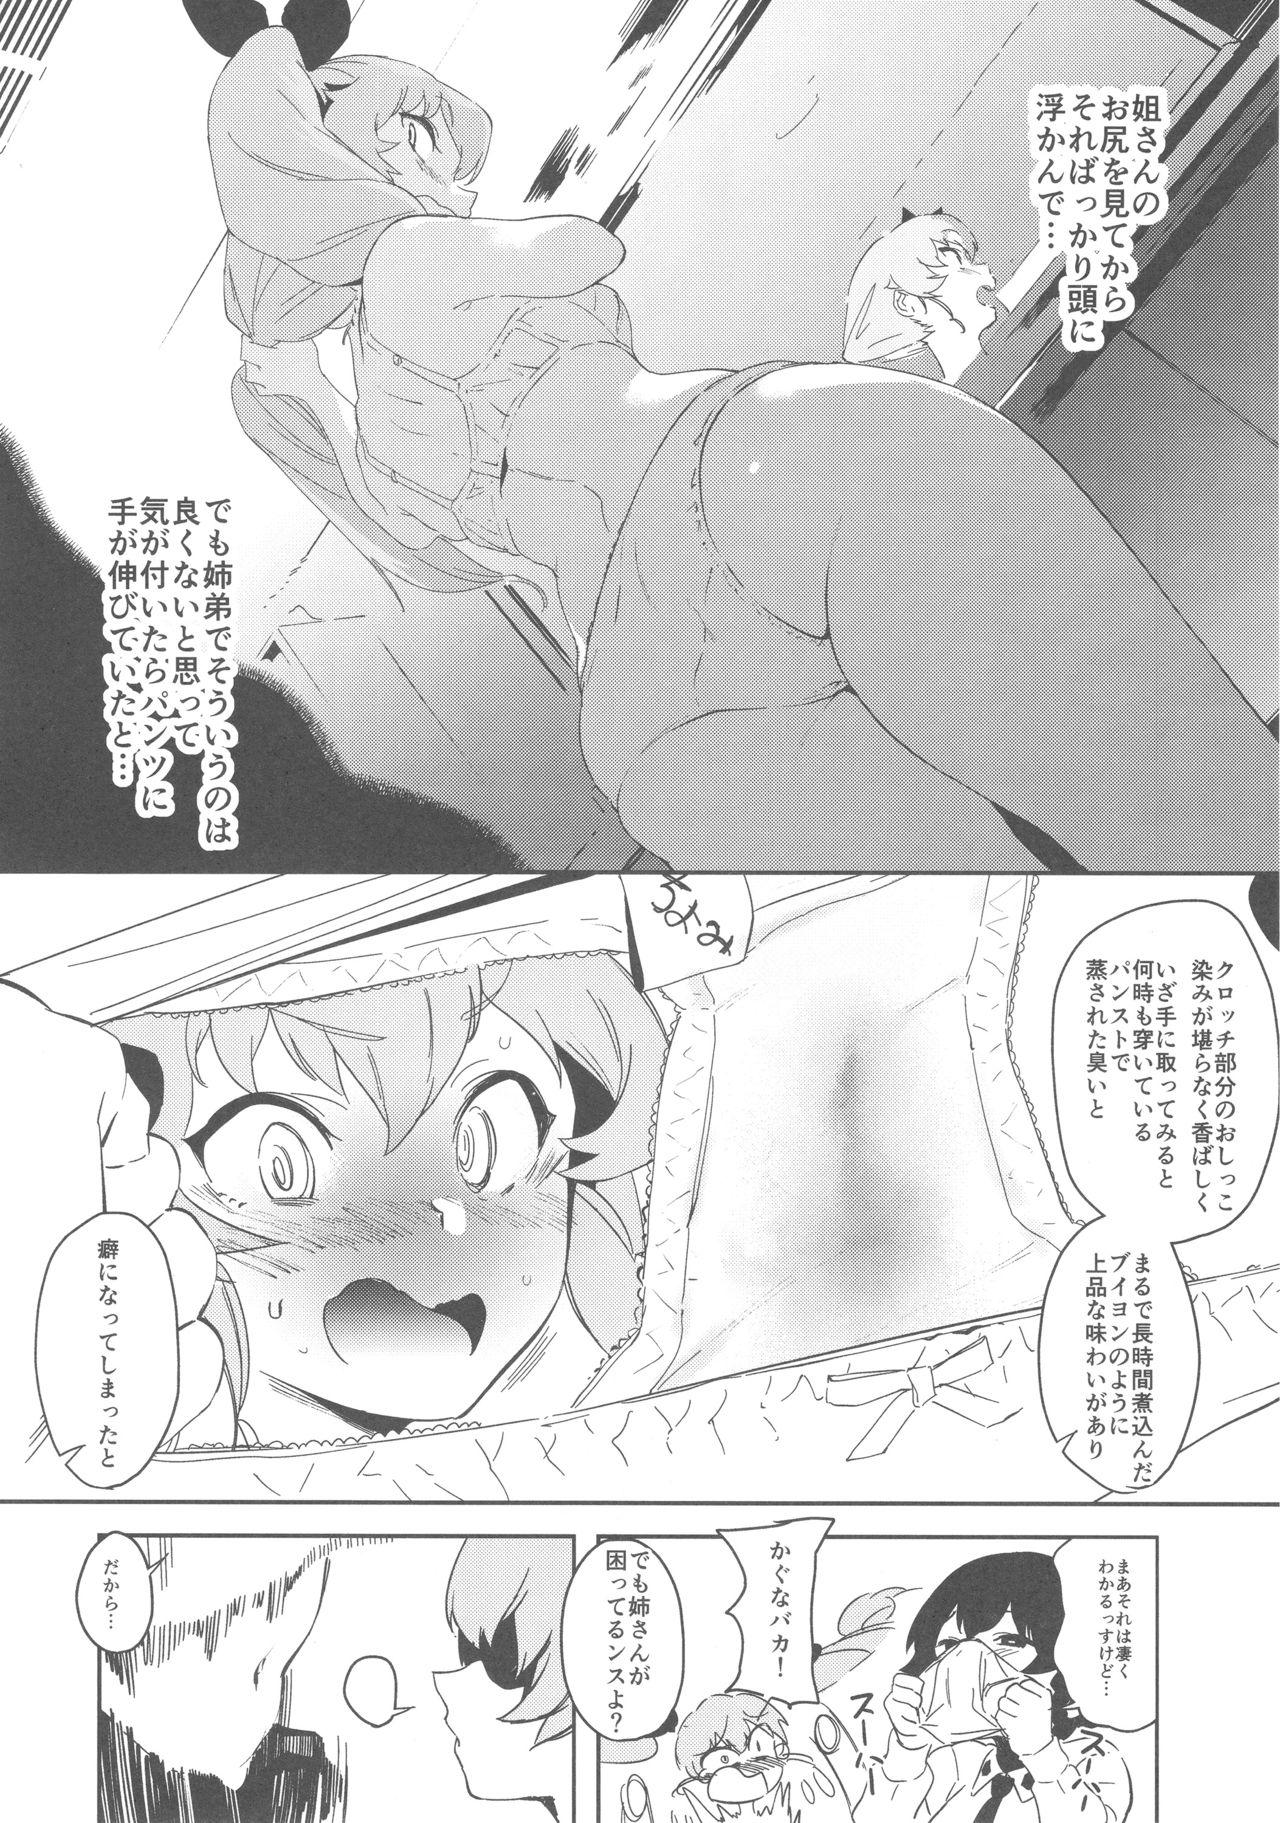 (COMIC1☆13) [Camrism (Kito Sakeru)] Anchovy Nee-san no Bouillon Panty Sakusen-ssu! (Girls und Panzer) 6